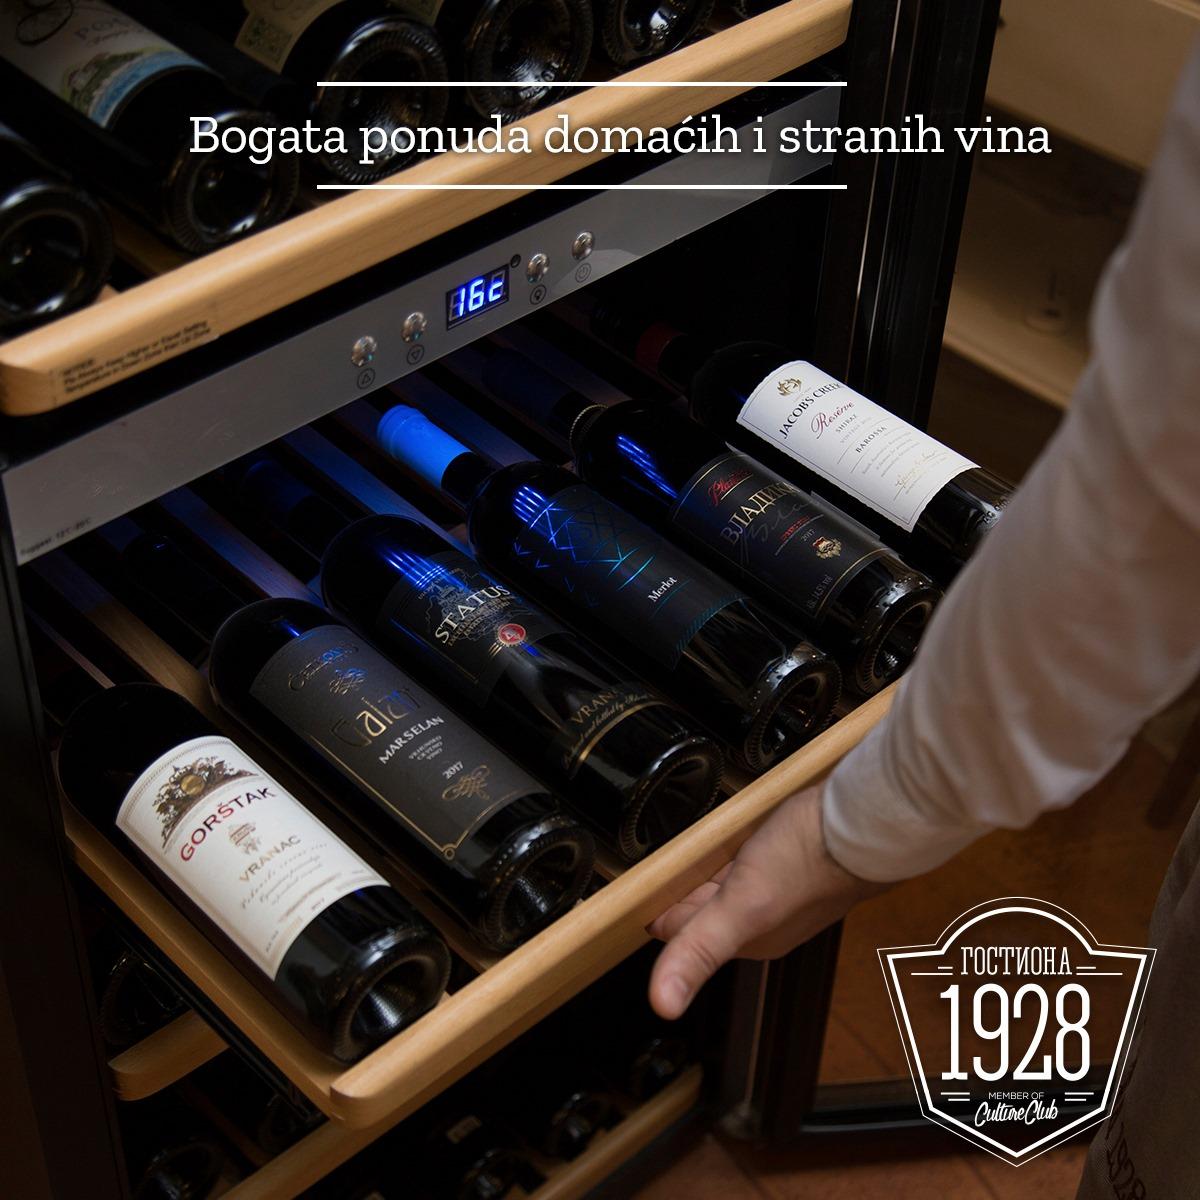 Bogata ponuda domaćih i stranih vina